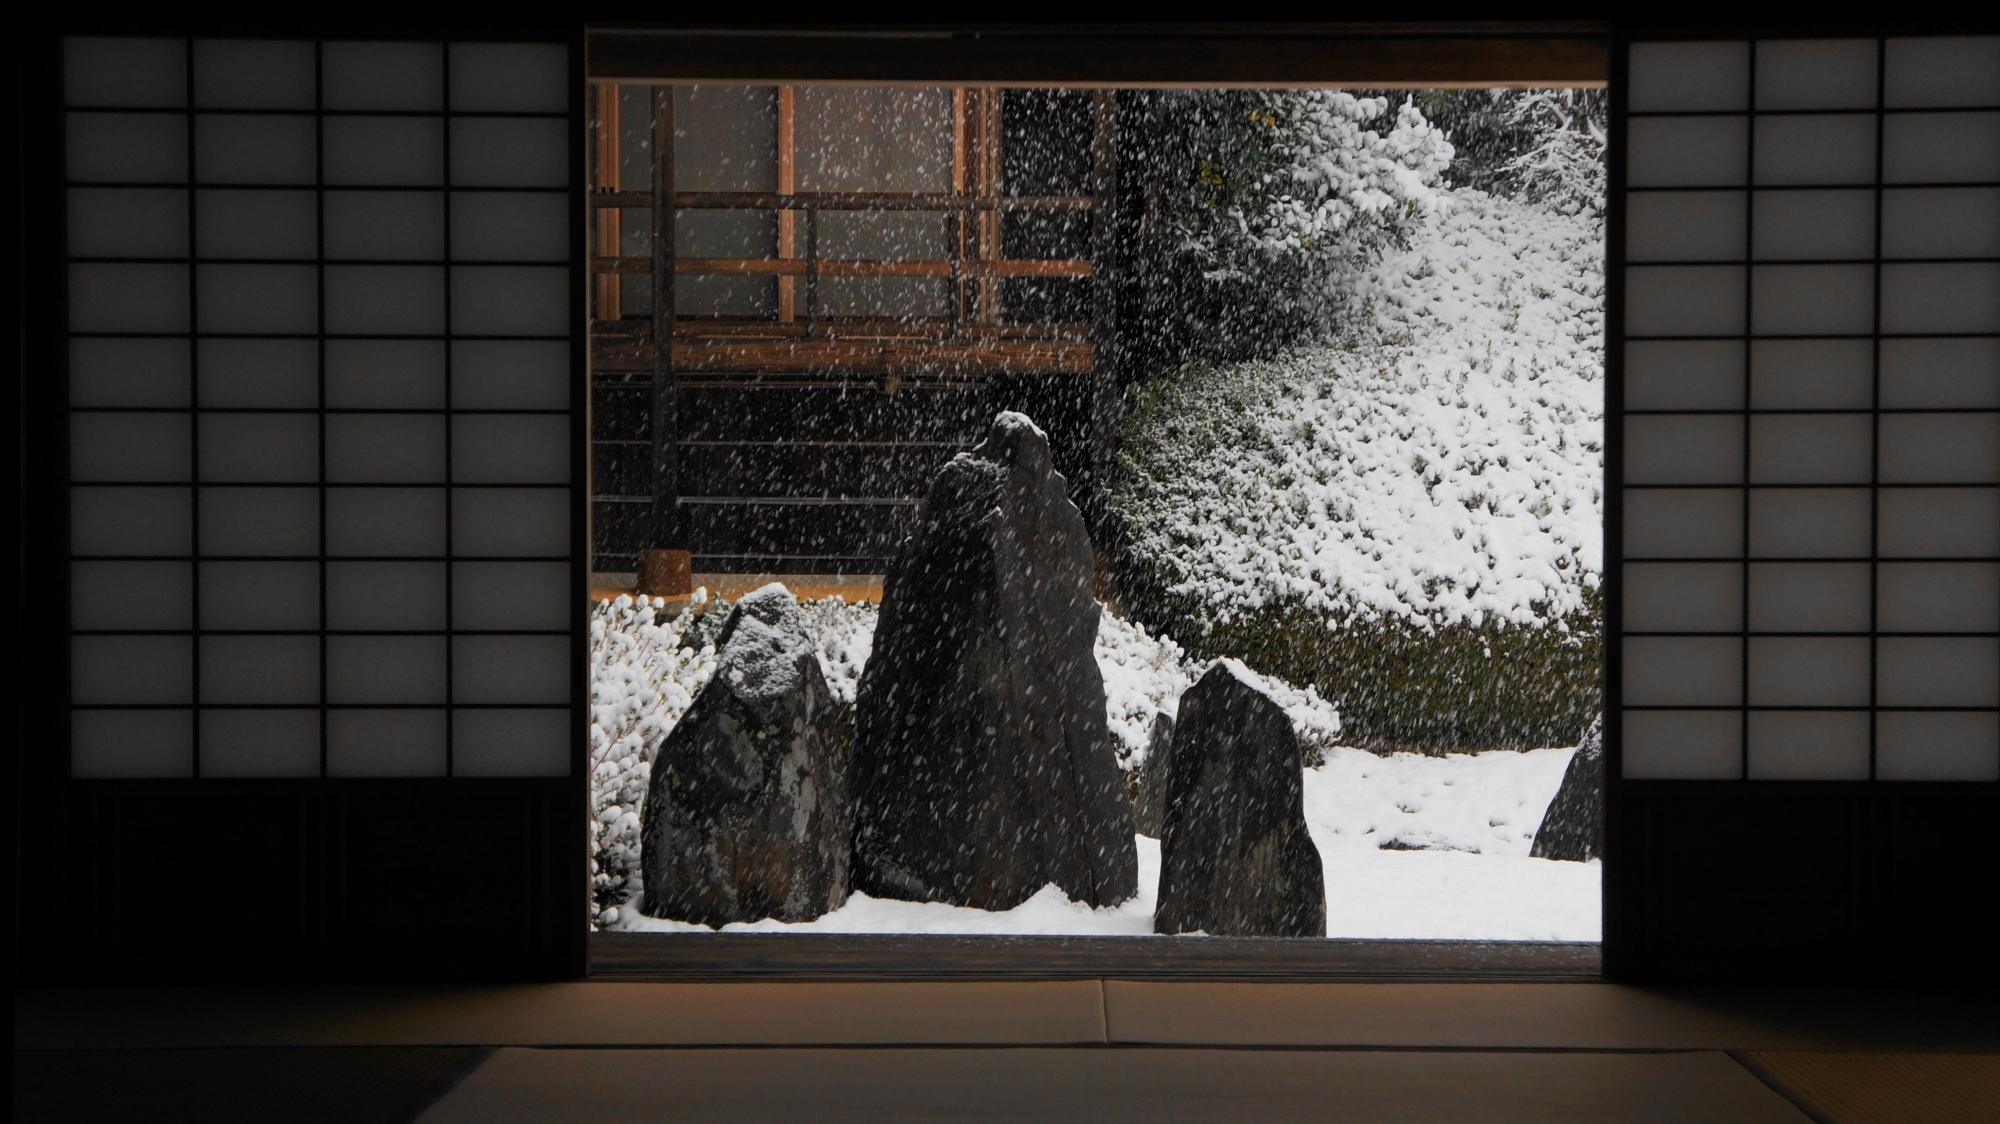 波心庭の雪景色